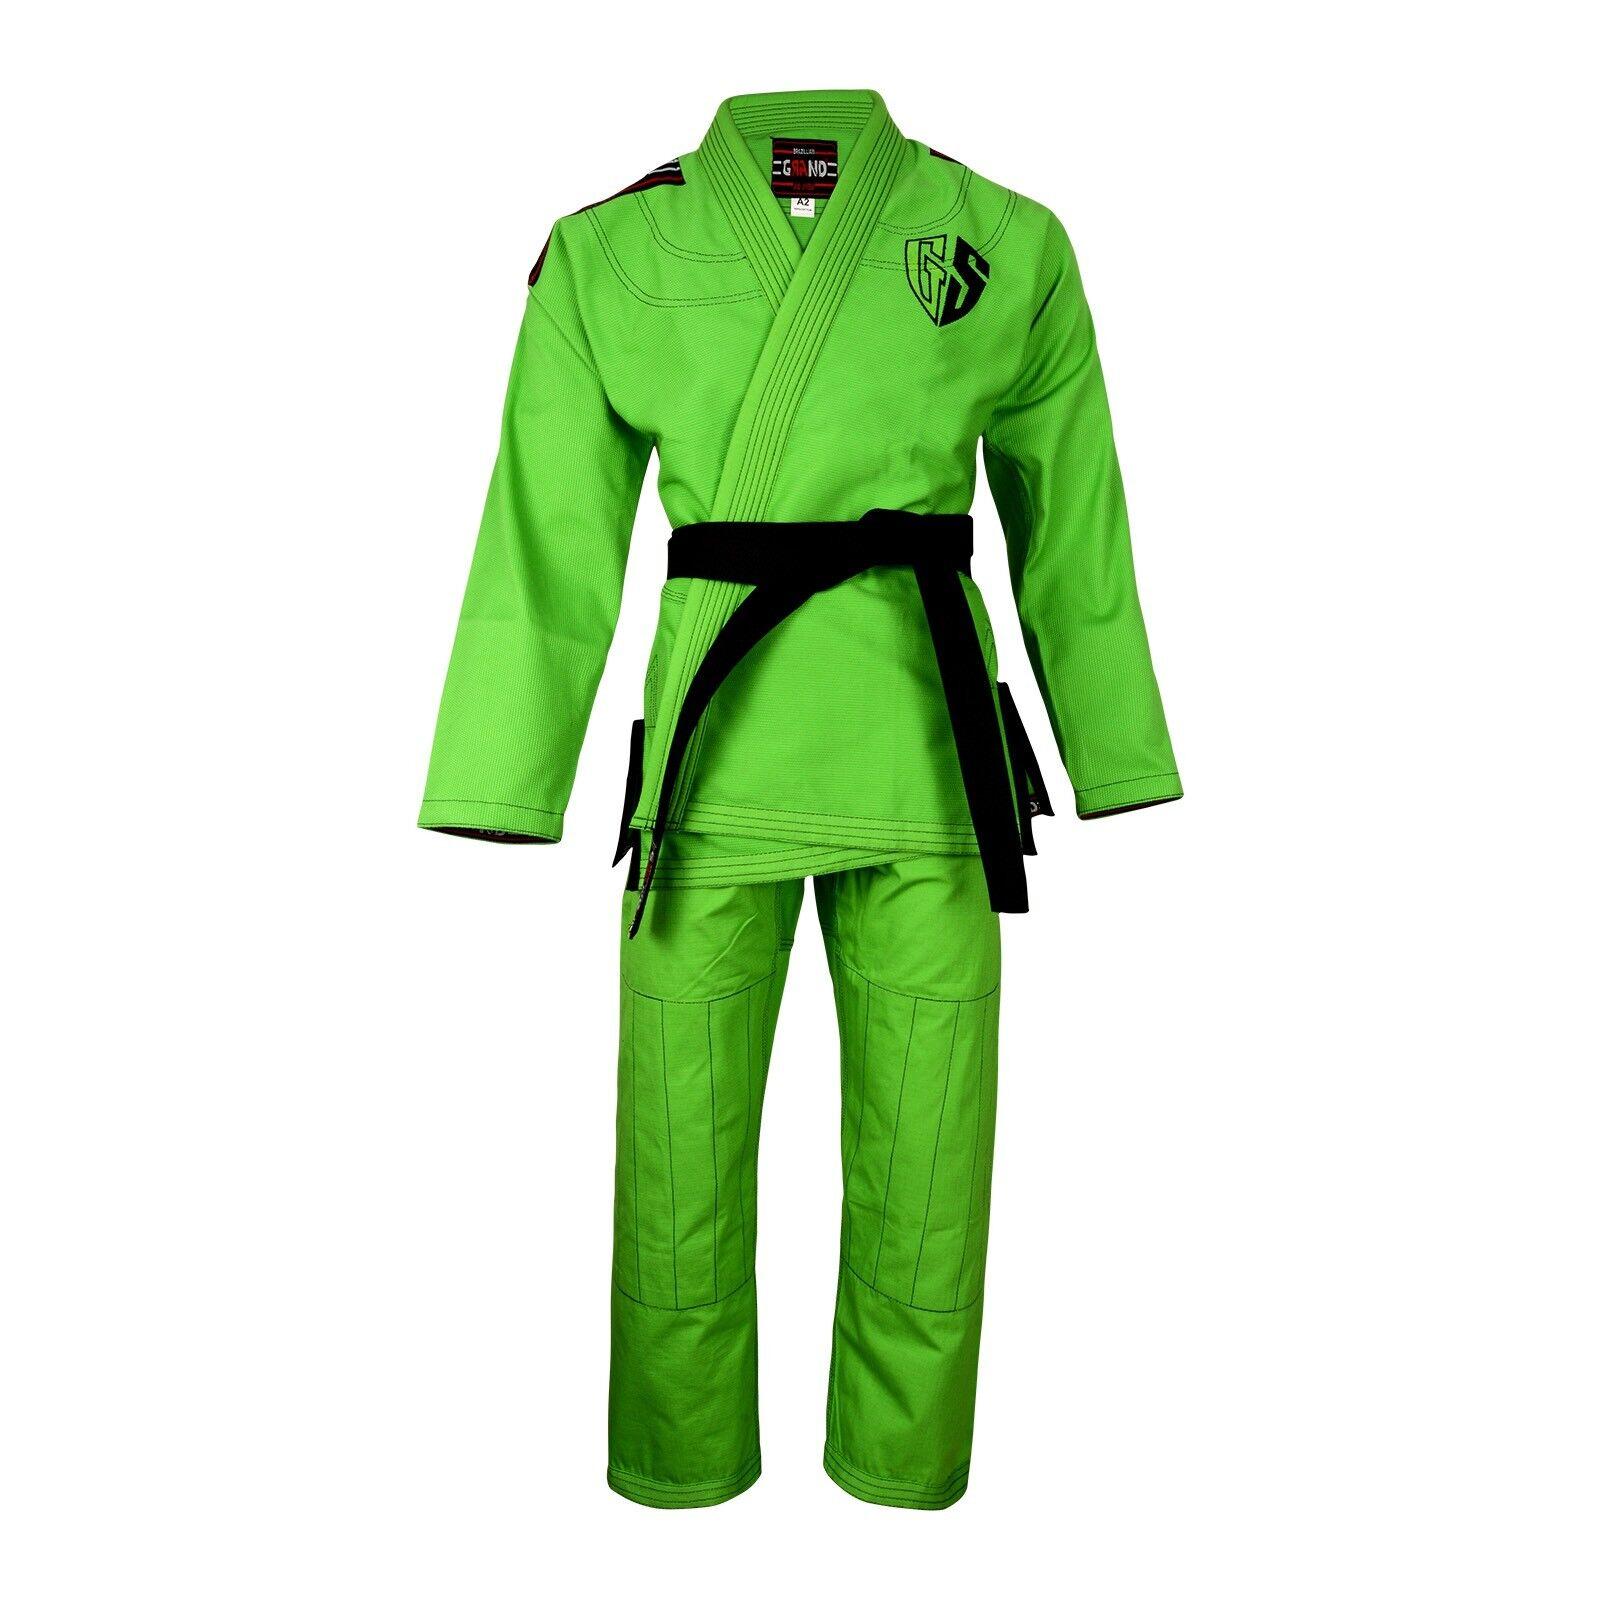 GranD MMA Grappling Jiu Jitsu Gi Brazilian BJJ Kimono Uniform Martial Arts Gi